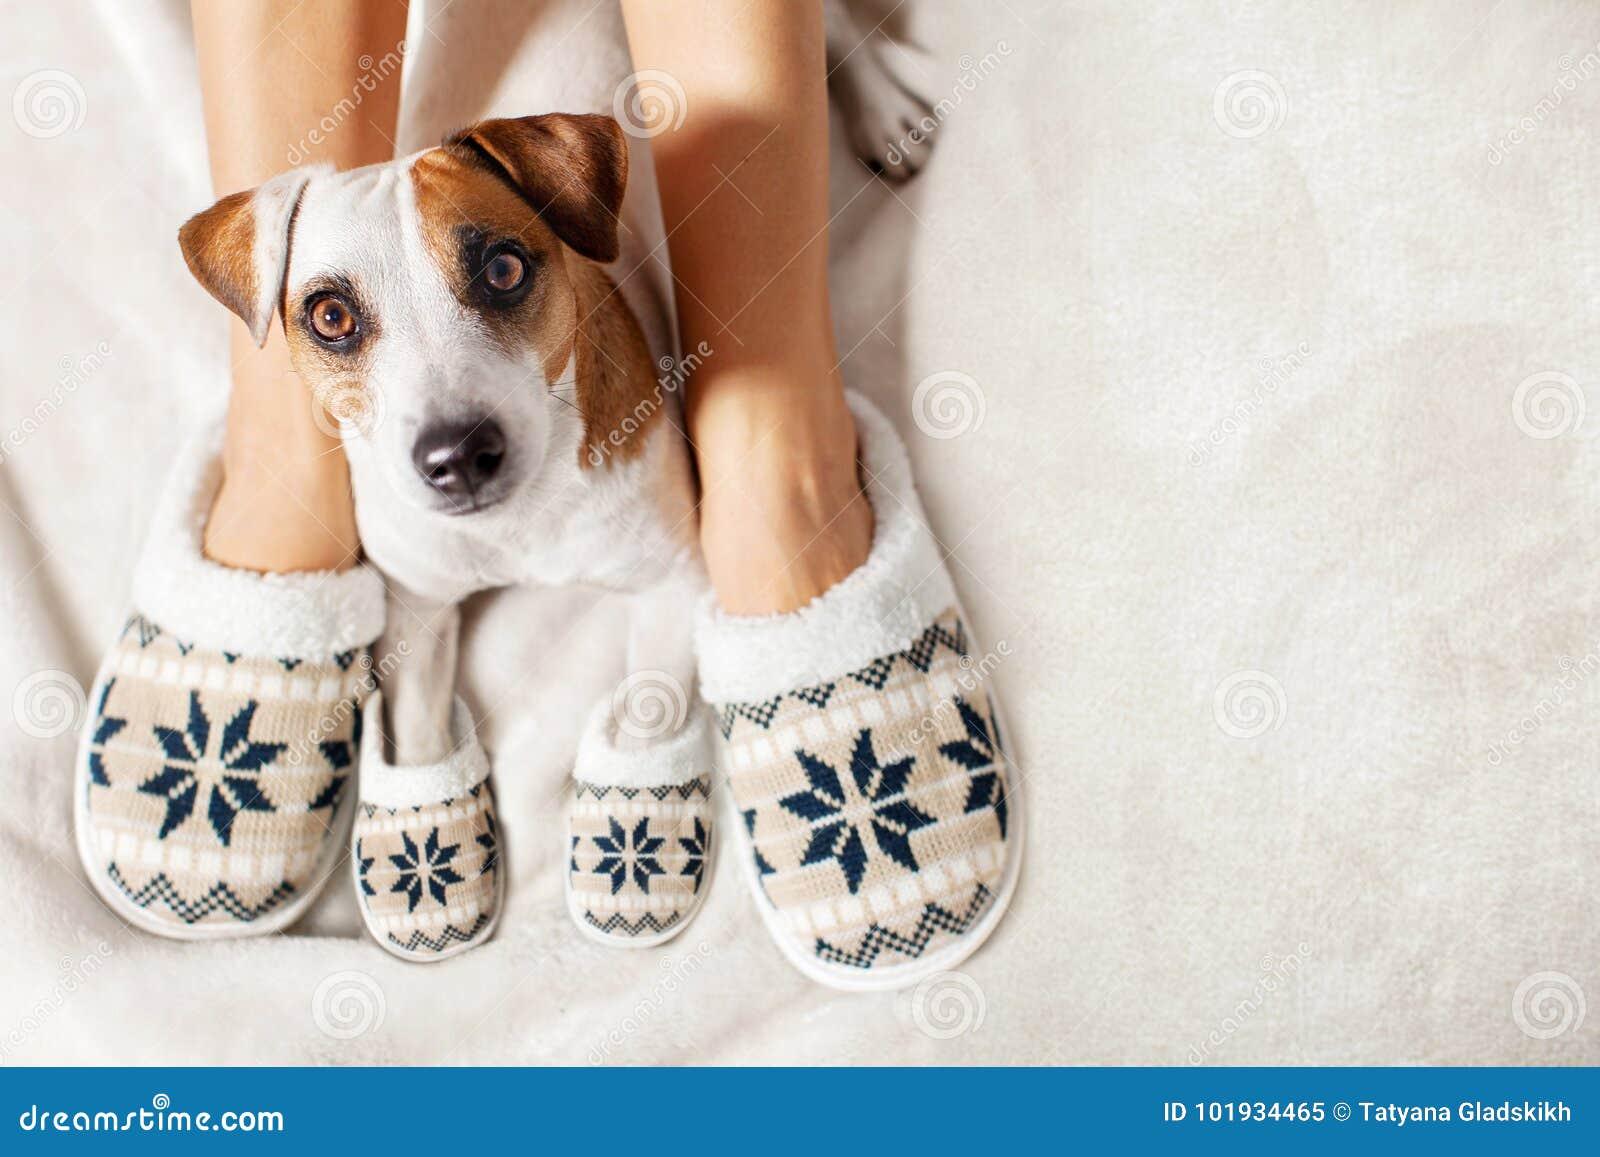 Wijfje en hond in pantoffels